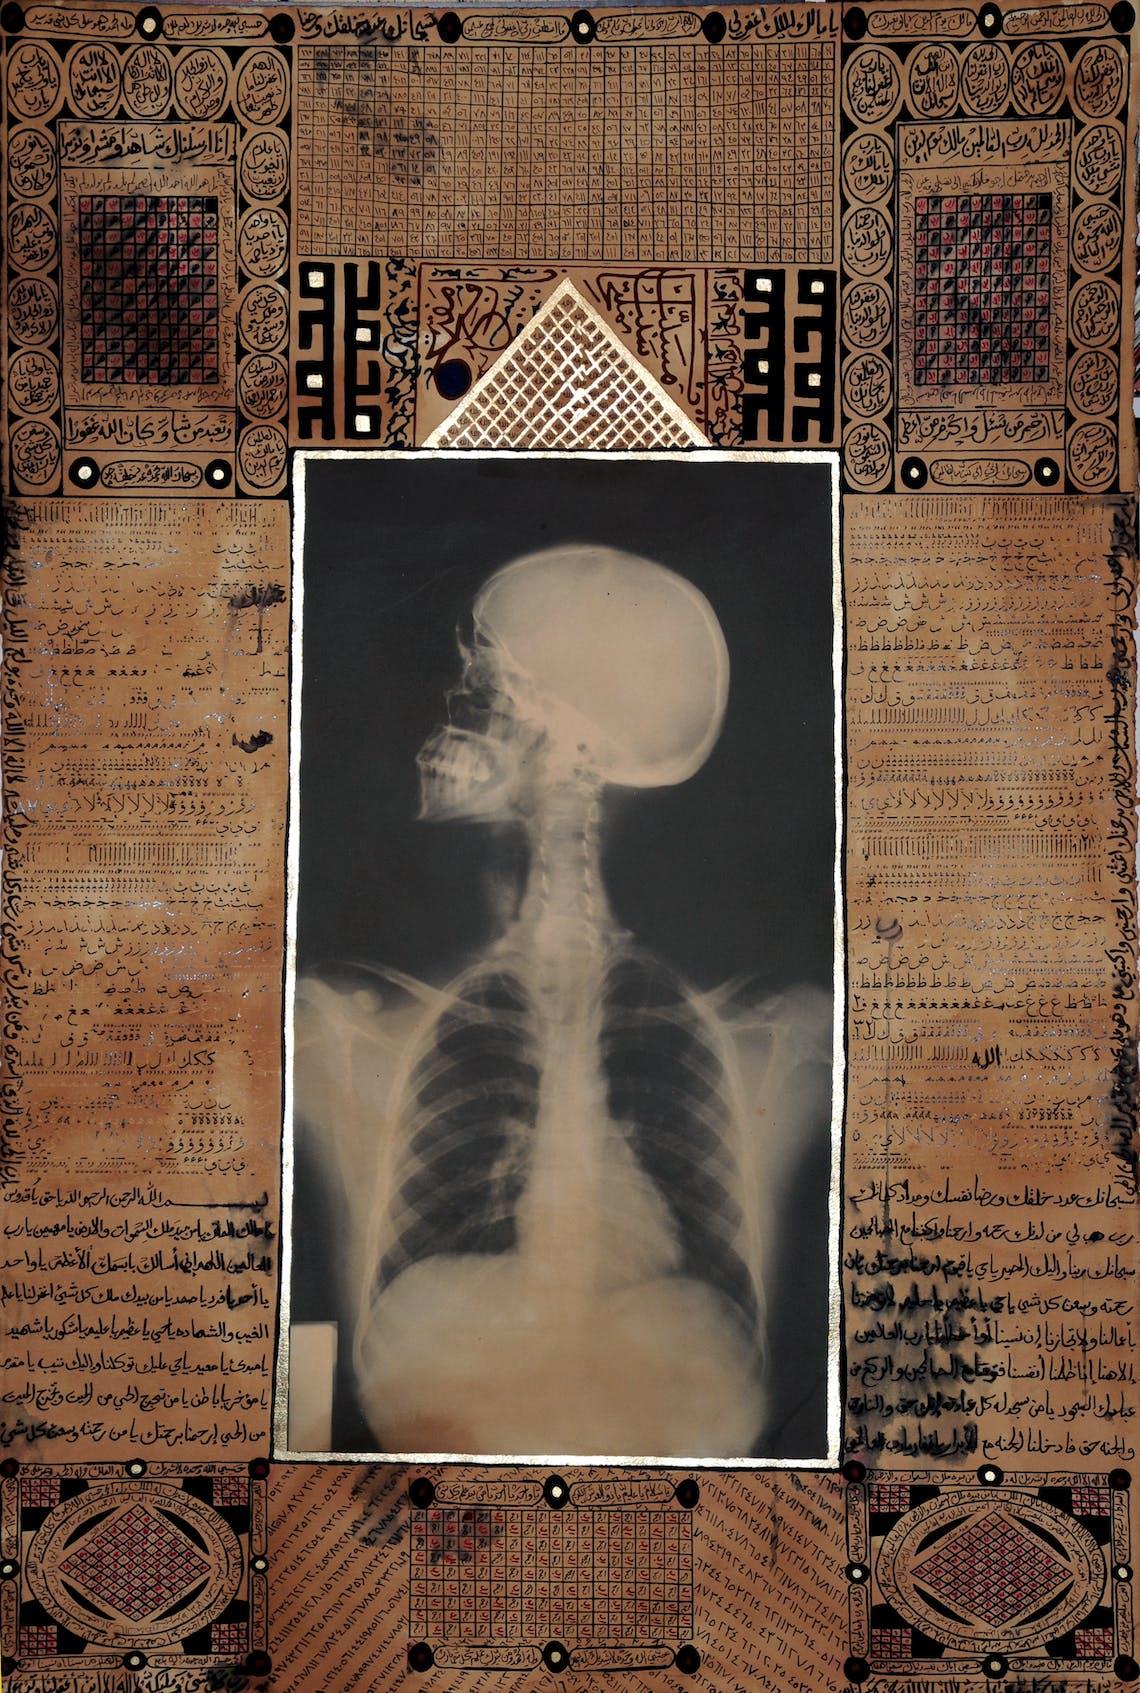 Talisman X Ray V 2009 155 x 105